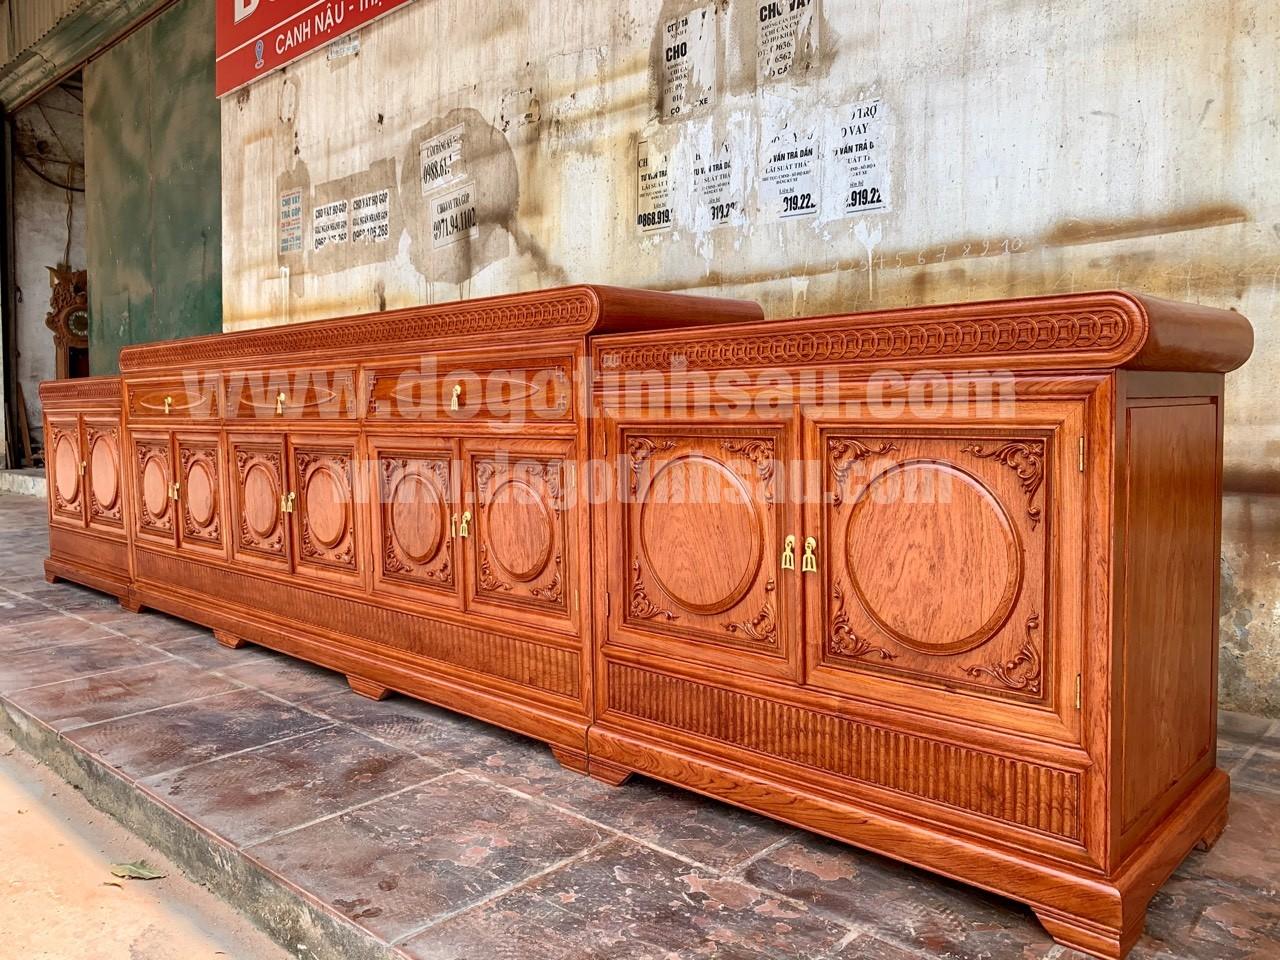 ke tivi mo loi go huong da dai 3m97 - Kệ tivi mõ lồi đồng tiền gỗ hương đá dài 3m97 (hàng VIP)